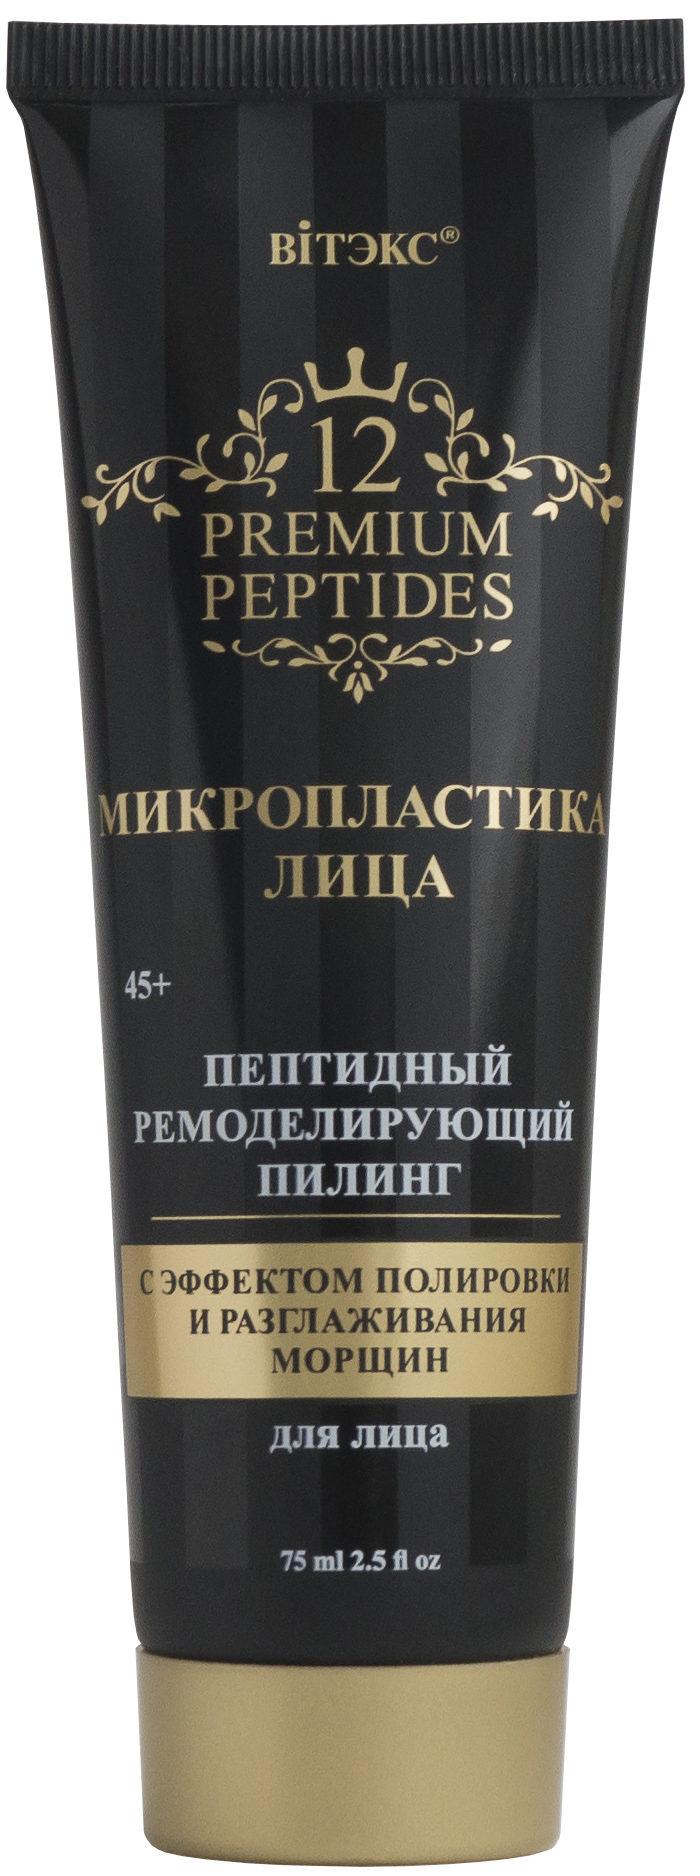 Белита-Вiтэкс Пептидный ремоделирующий пилинг